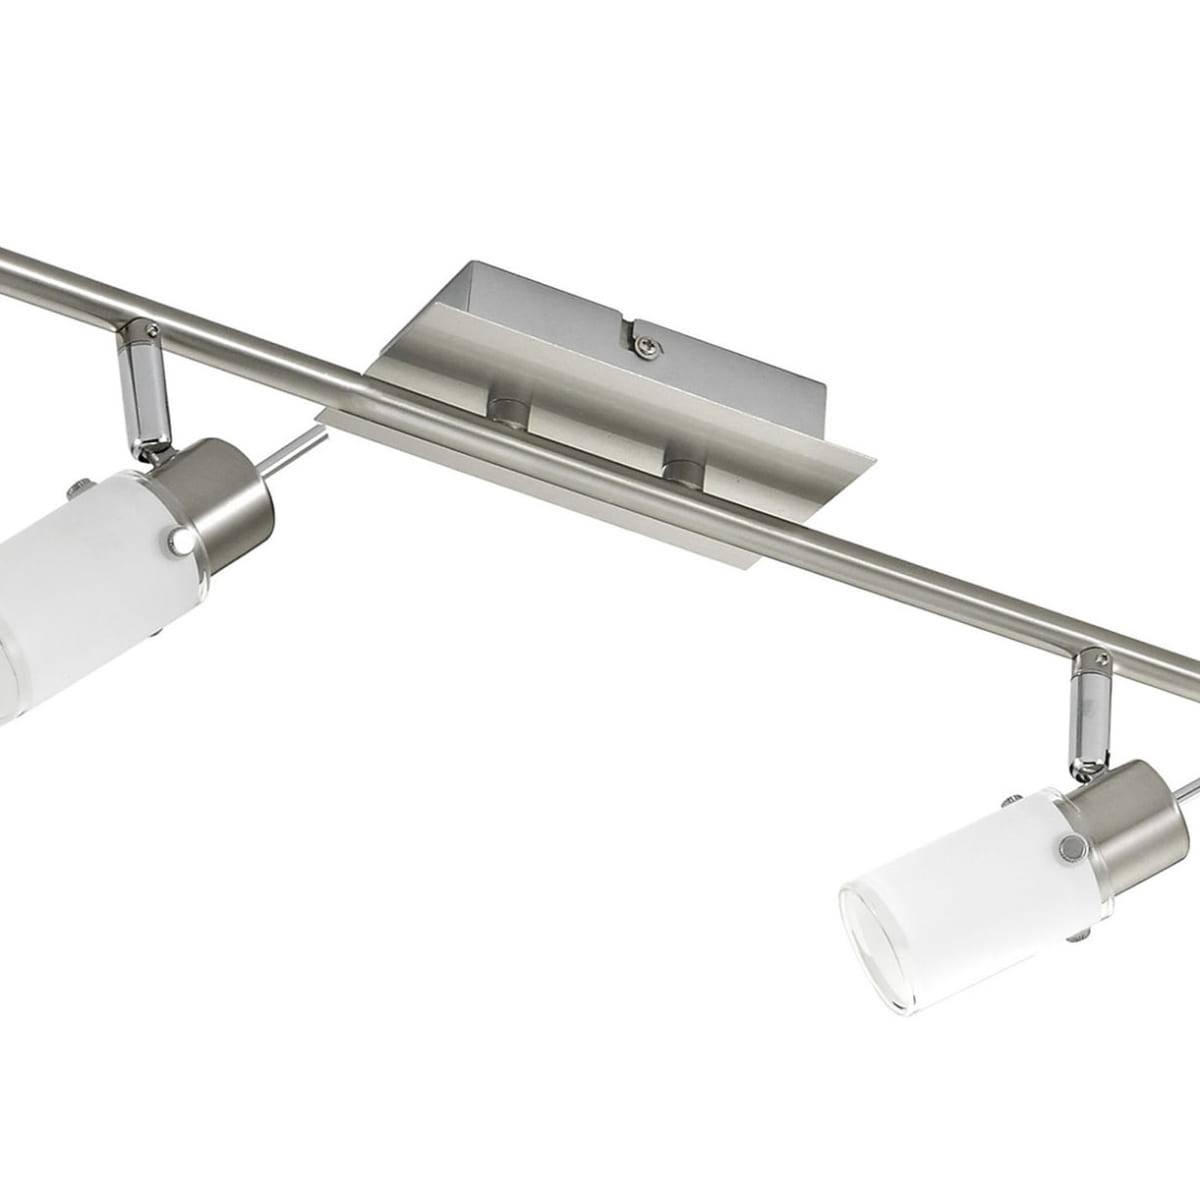 LED-Deckenleuchte in Stahl mit 6 verstellbaren Leuchtköpfen und warmweißer Lichtfarbe ist energiesparend